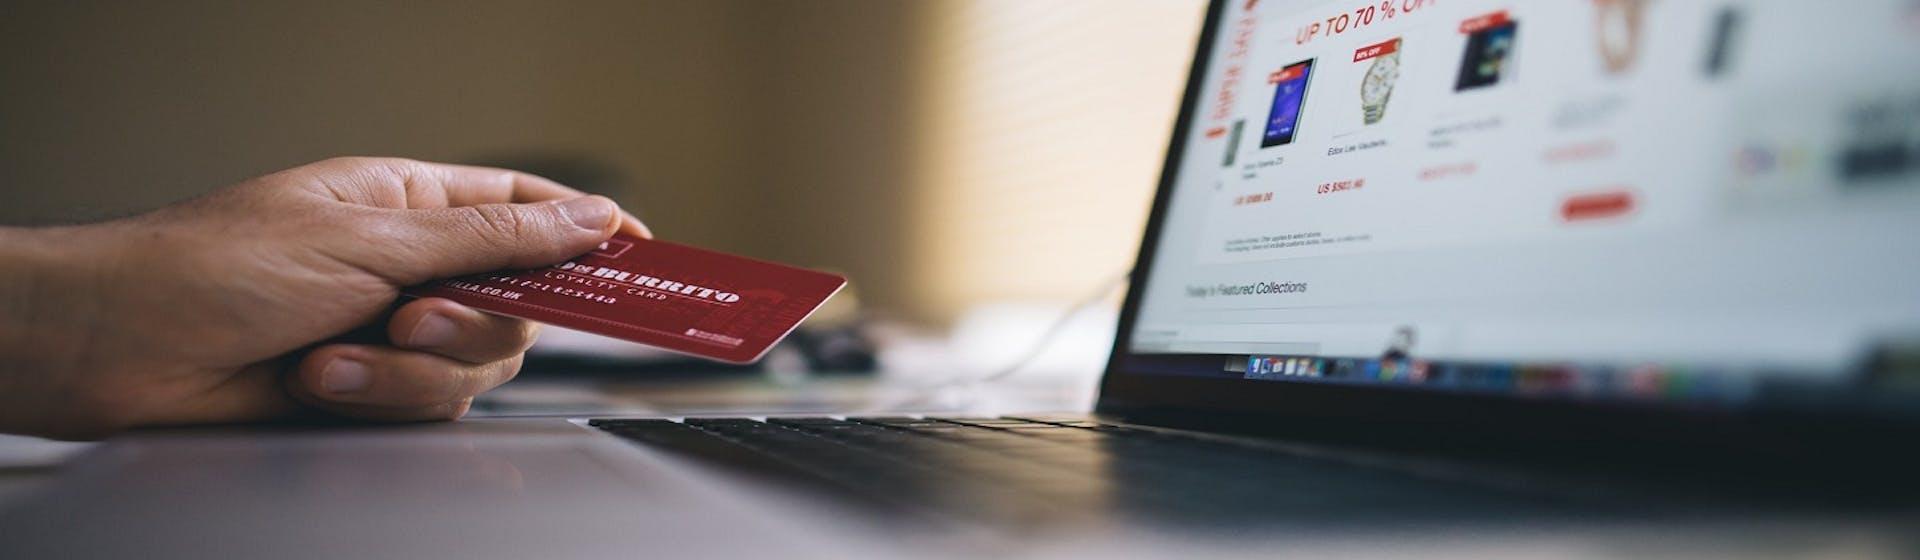 10 Alternativas a PayPal ¡Hay vida más allá de este procesador de pagos!